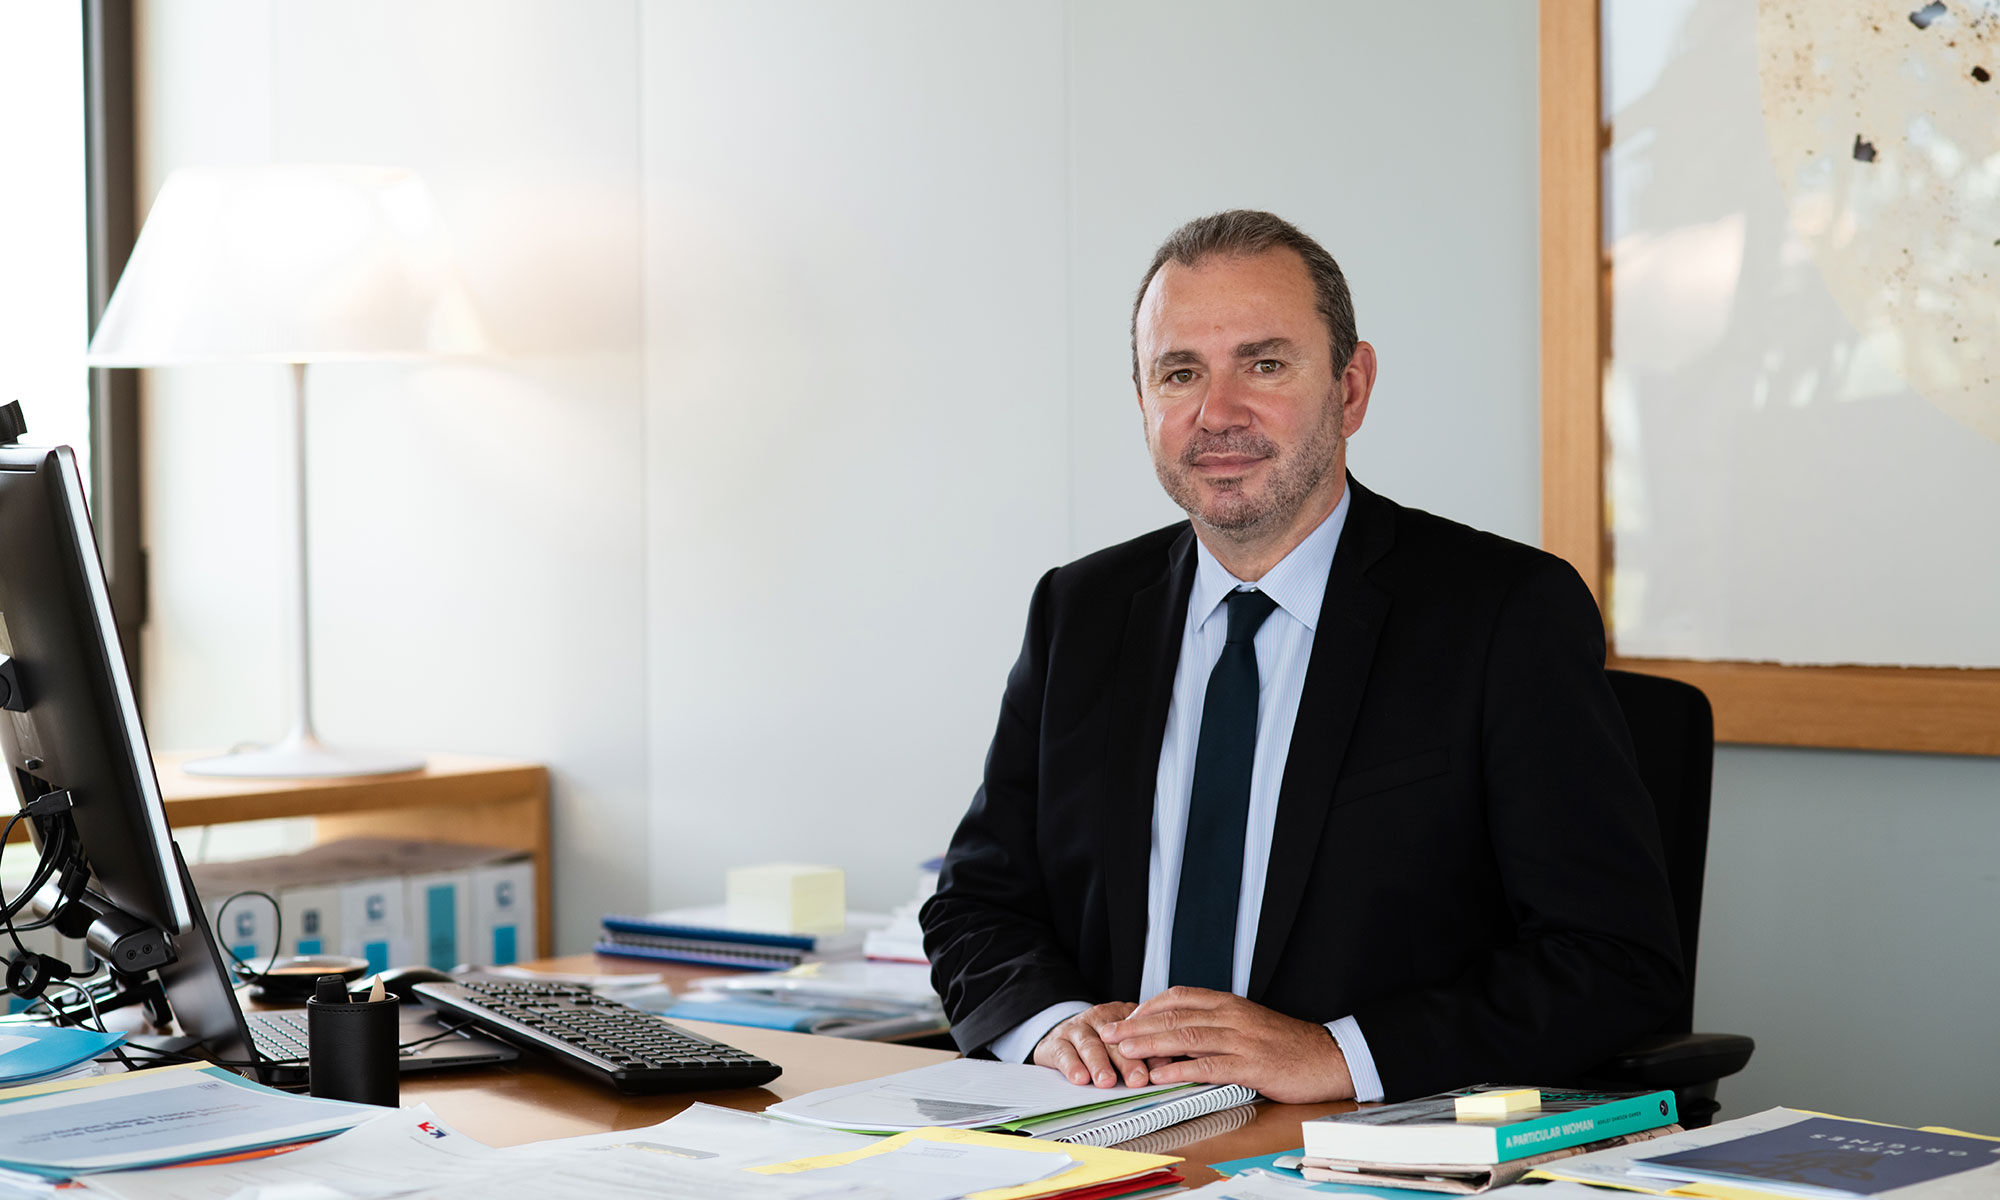 Christophe Lecourtier : « Il y a une envie de repartir à l'assaut du monde »